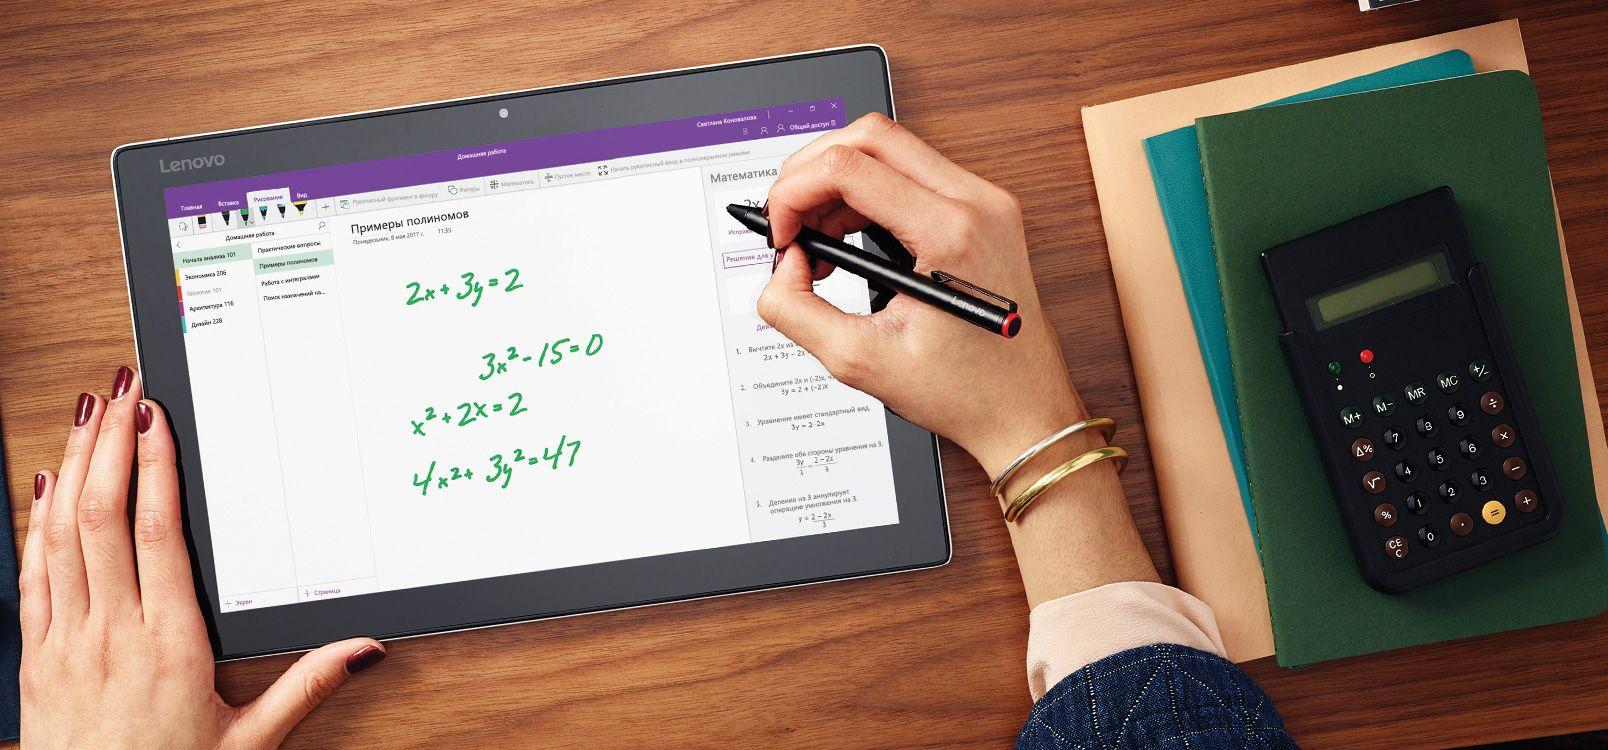 Экран планшета с помощником по преобразованию рукописных фрагментов в математические выражения в OneNote